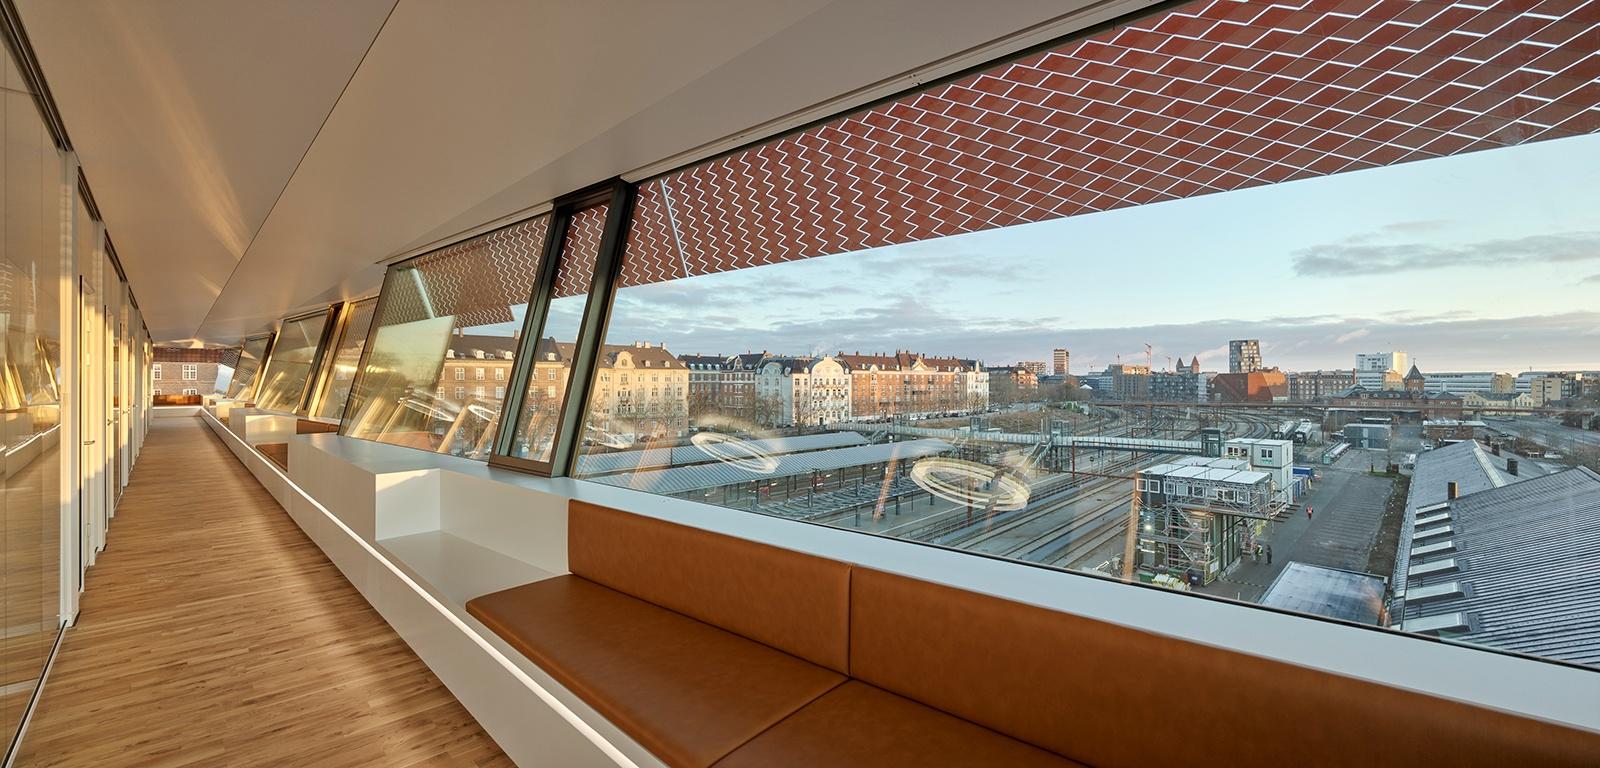 Udsynet fra Østerport II - Fotograf Adam Mørk for KHR Architecture